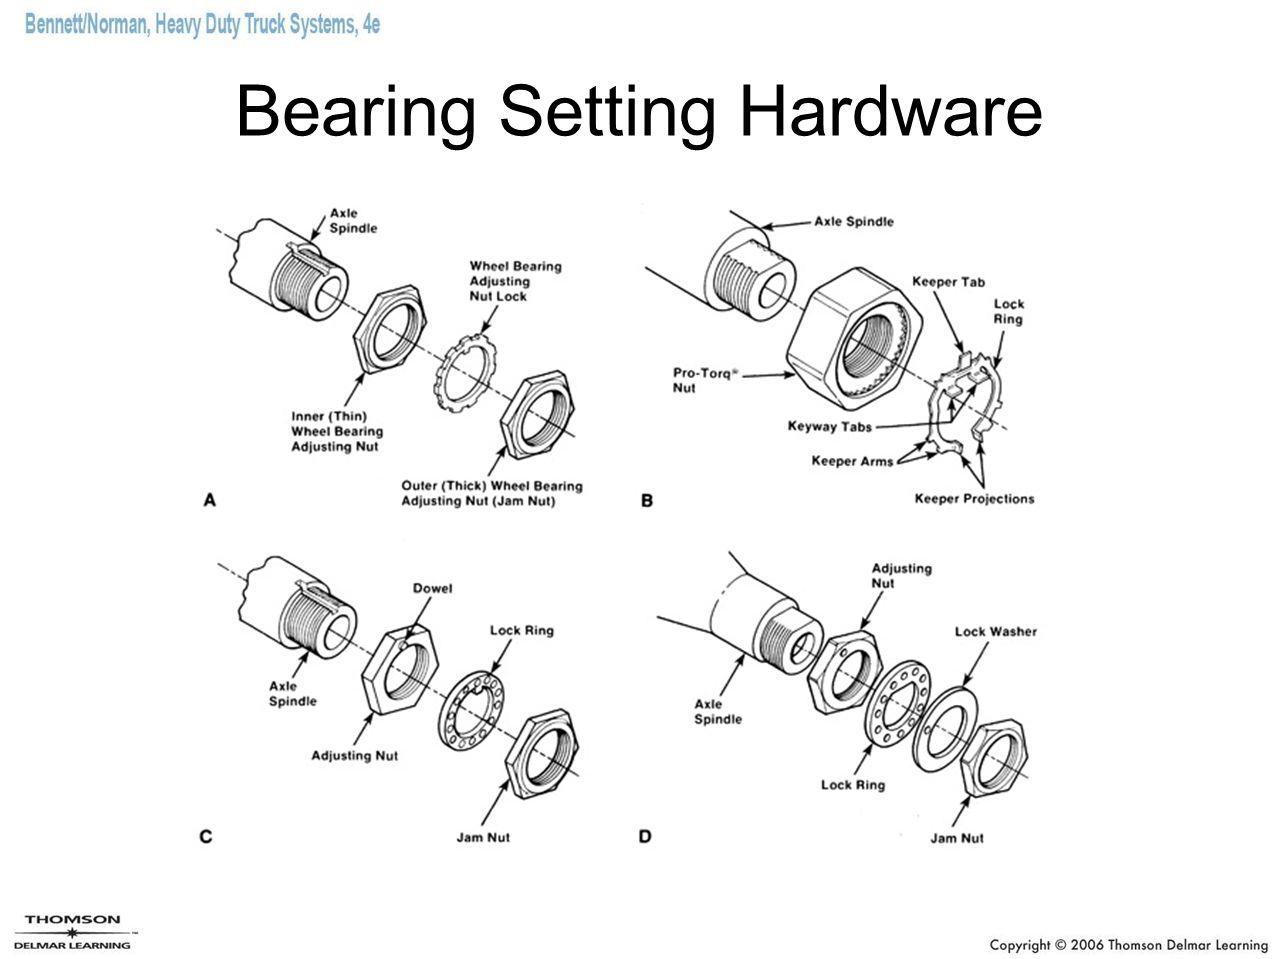 Bearing Setting Hardware